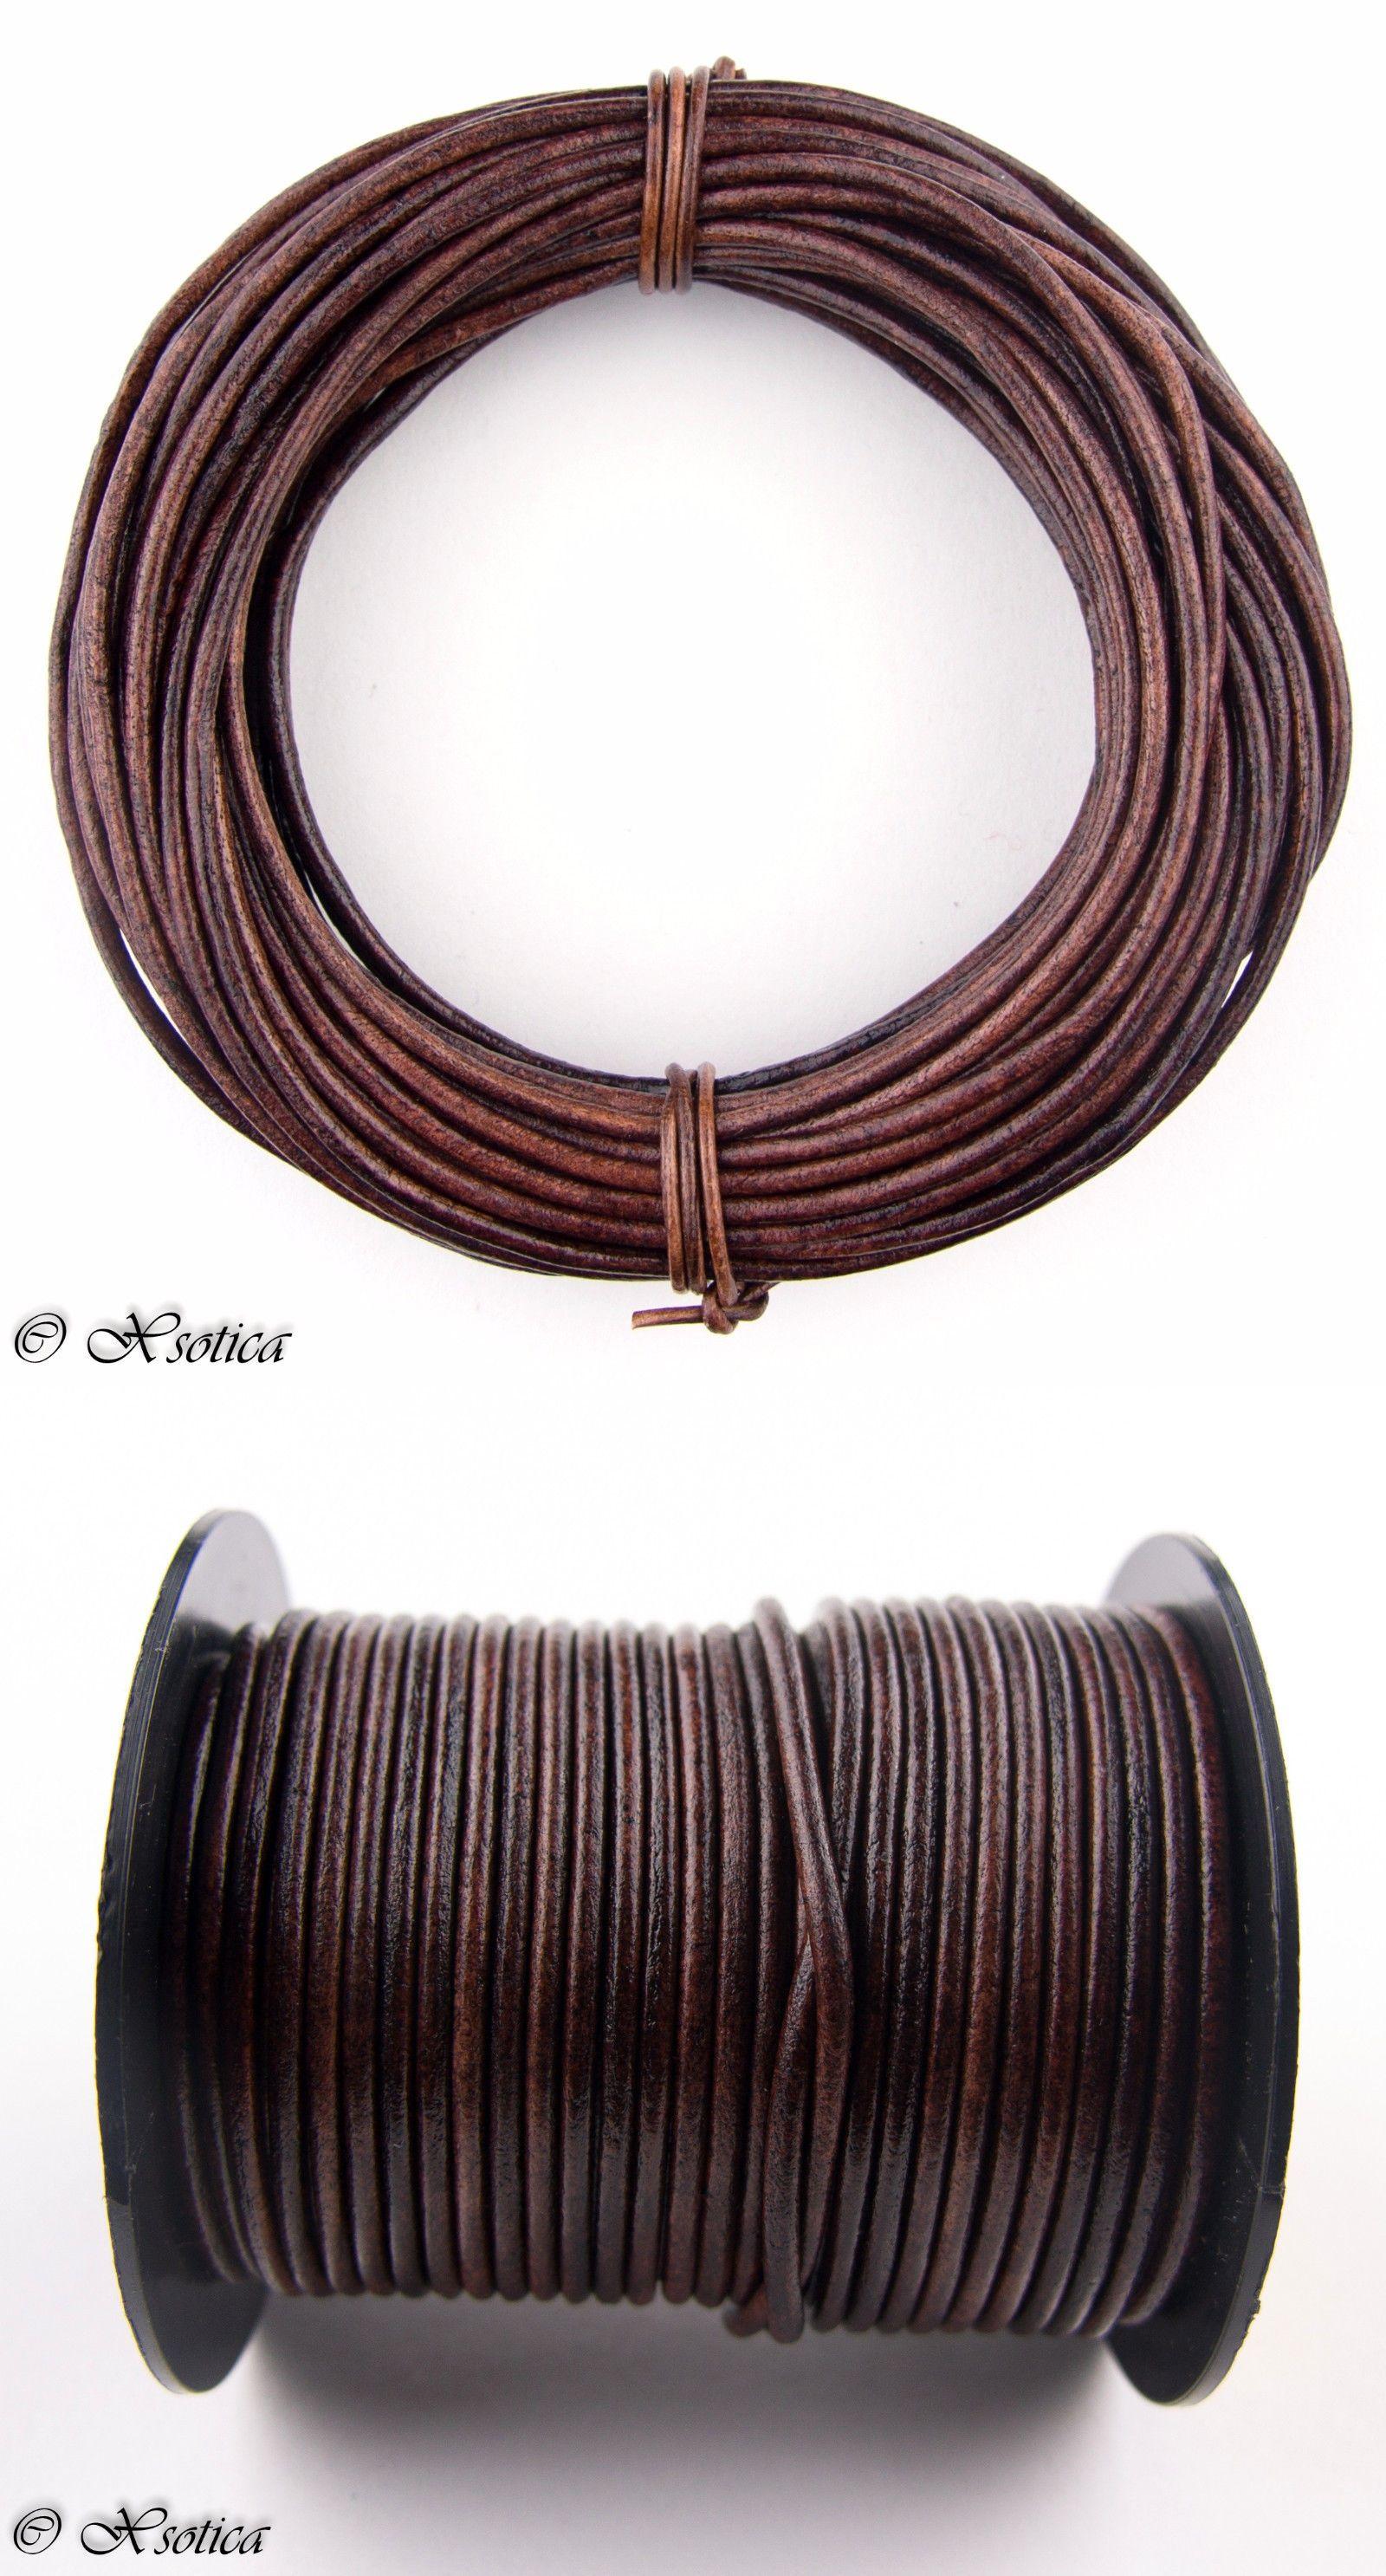 Brown Dark Round Leather Cord 1.5mm 100 meters 109 yards